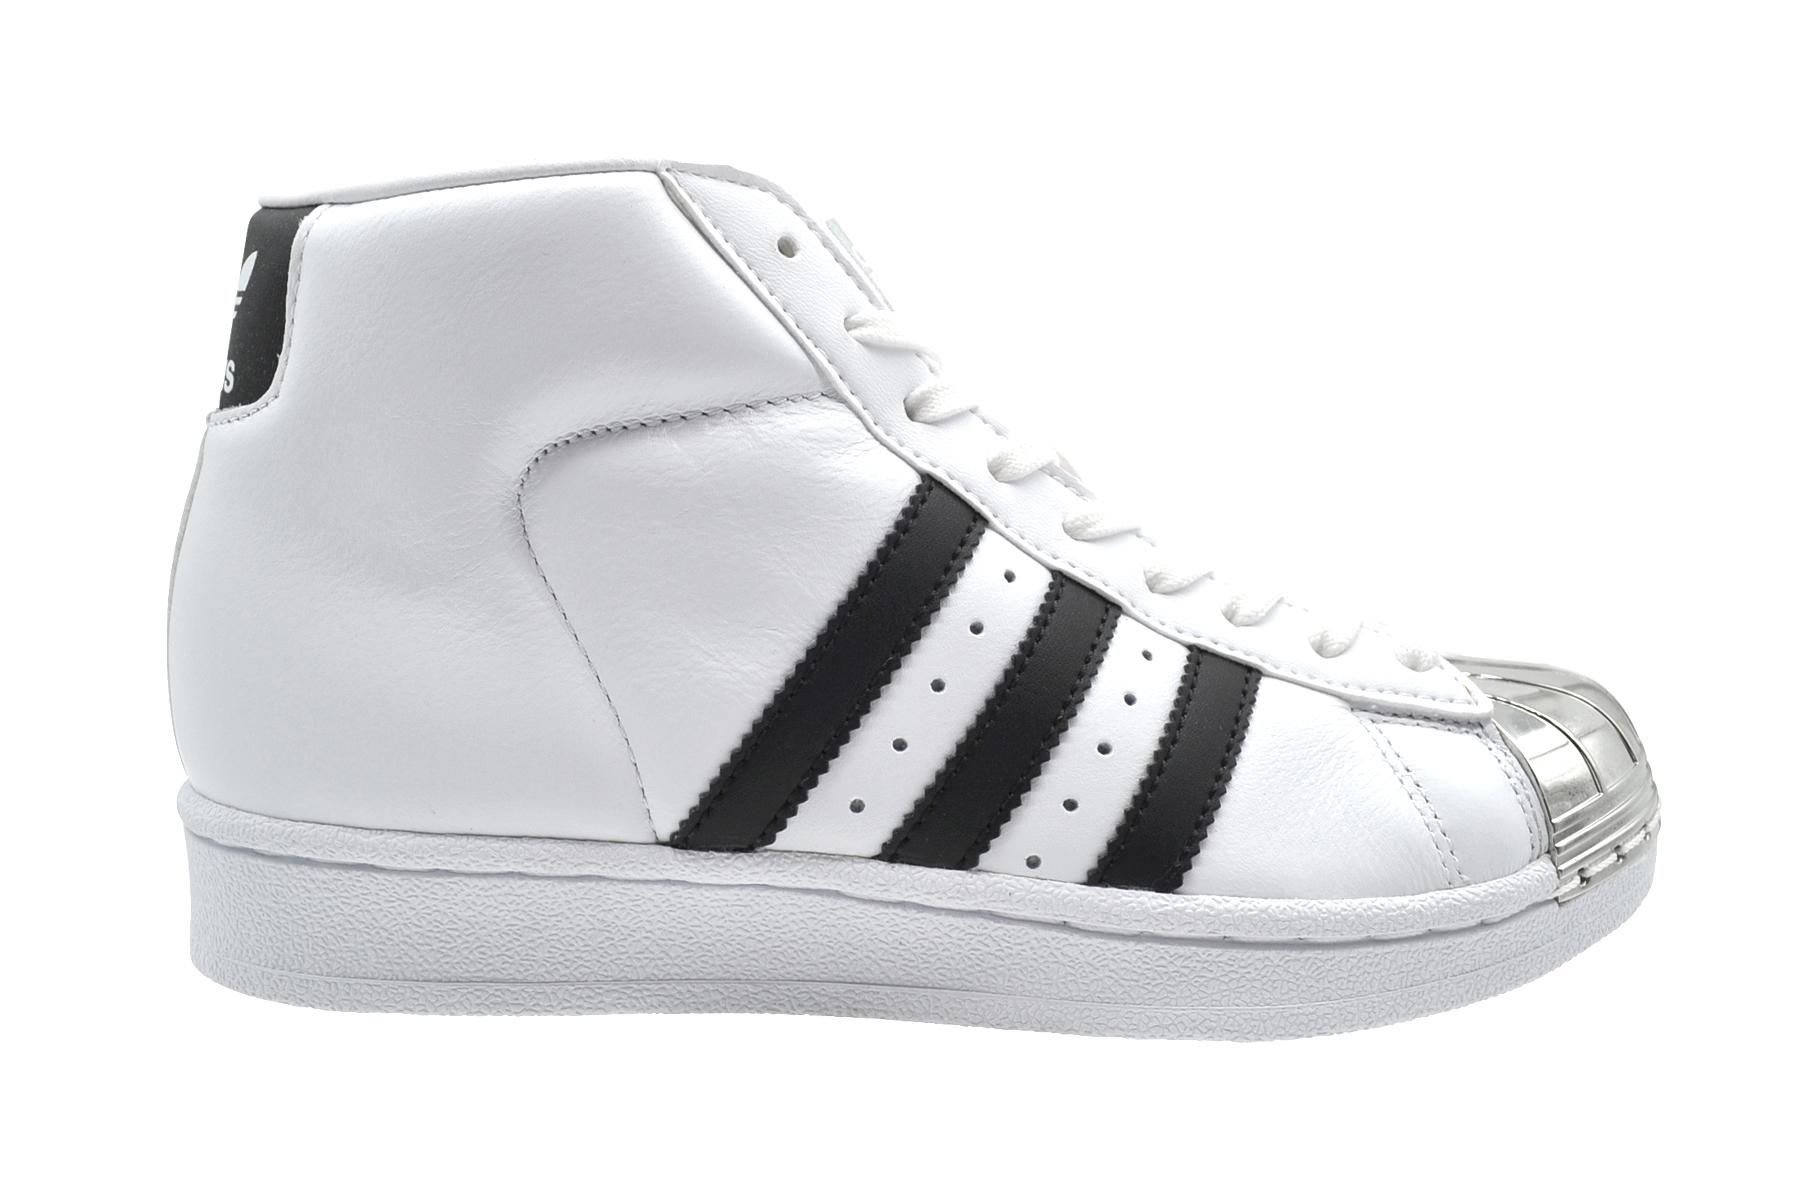 Details about Adidas Pro Model Metal Toe W weiß schwarz Damen mid cut Sneakers Leder NEU